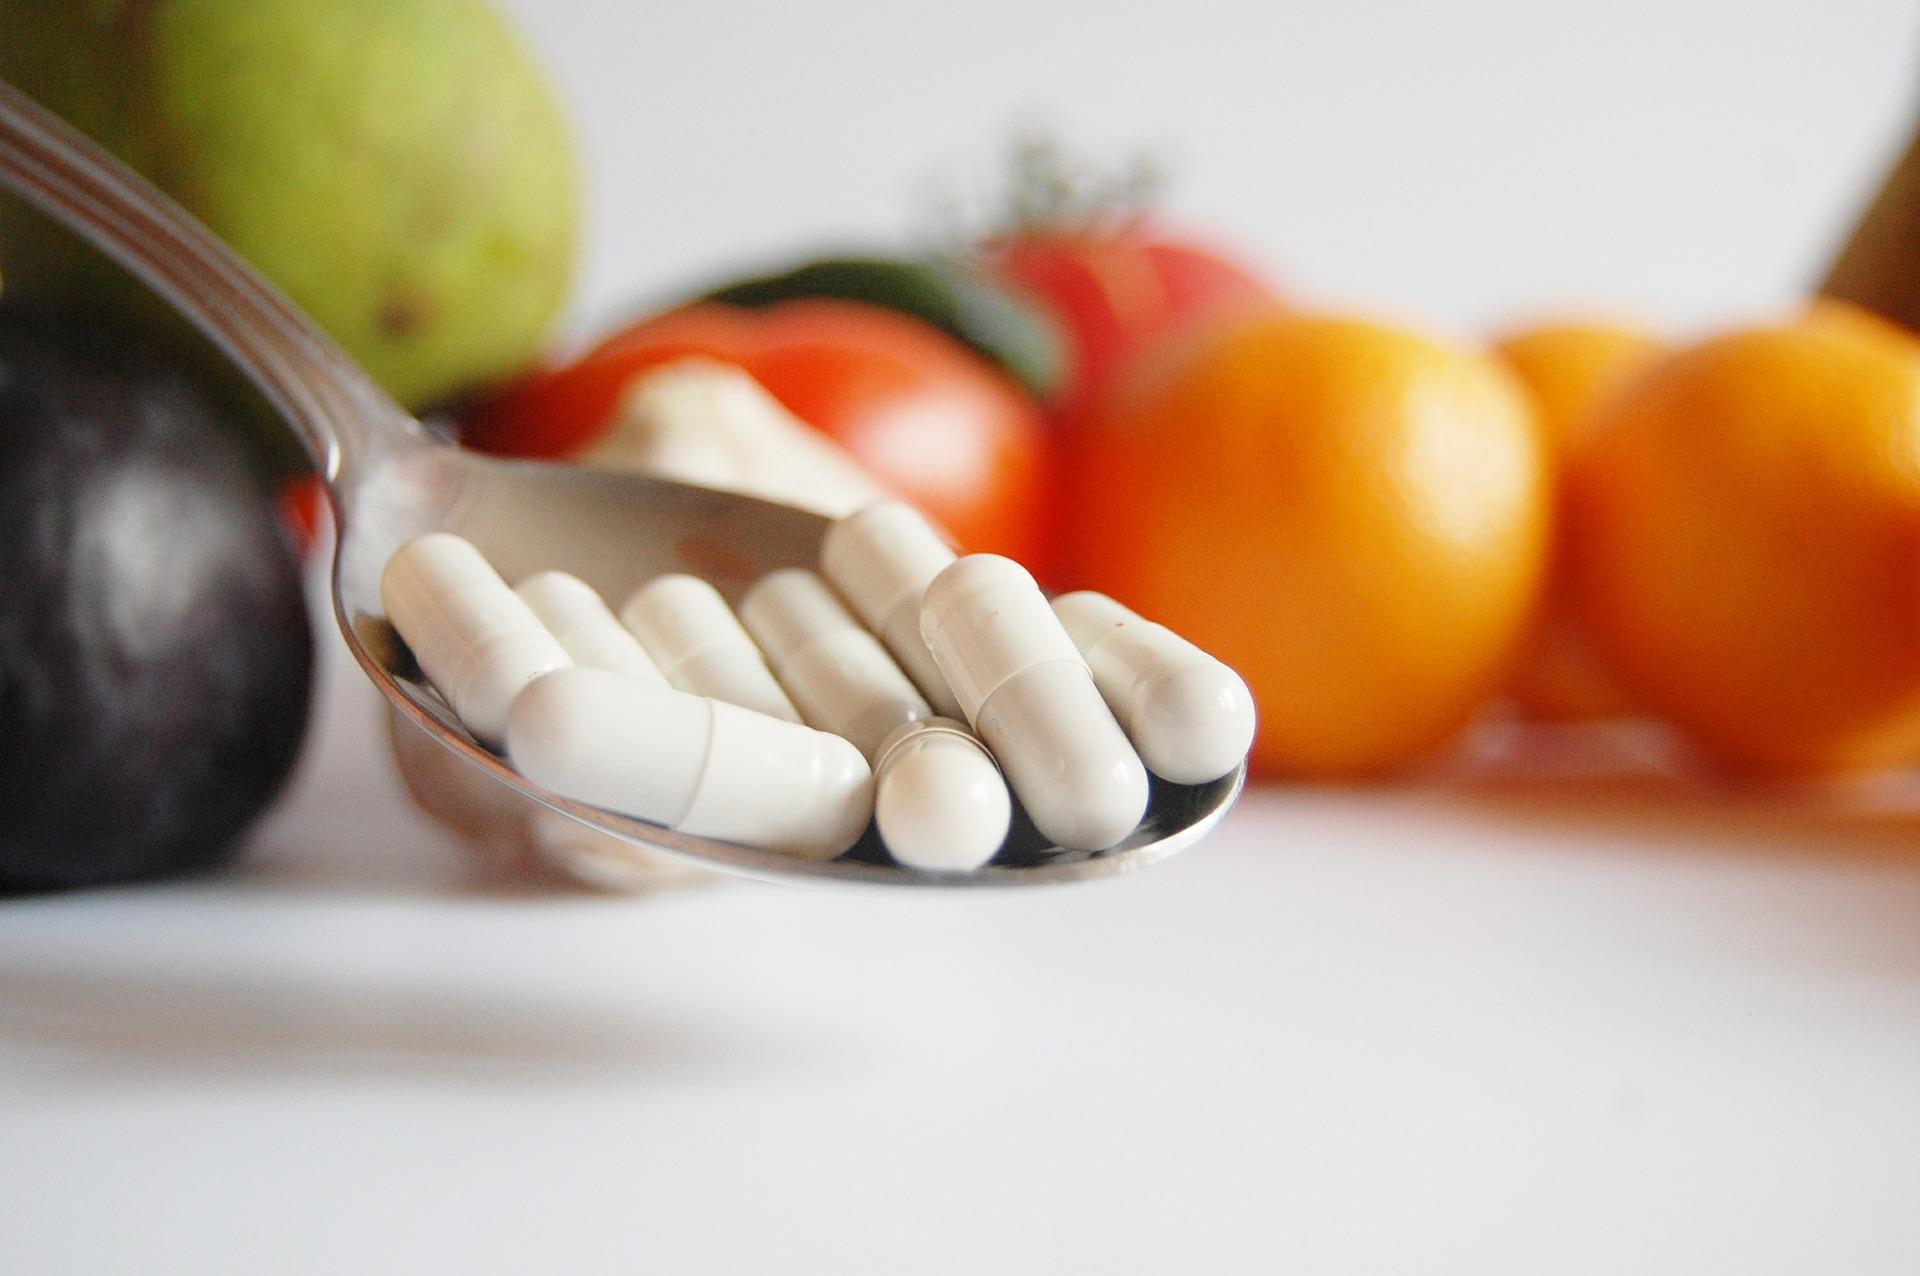 Farmacie online: il servizio clienti fa la differenza